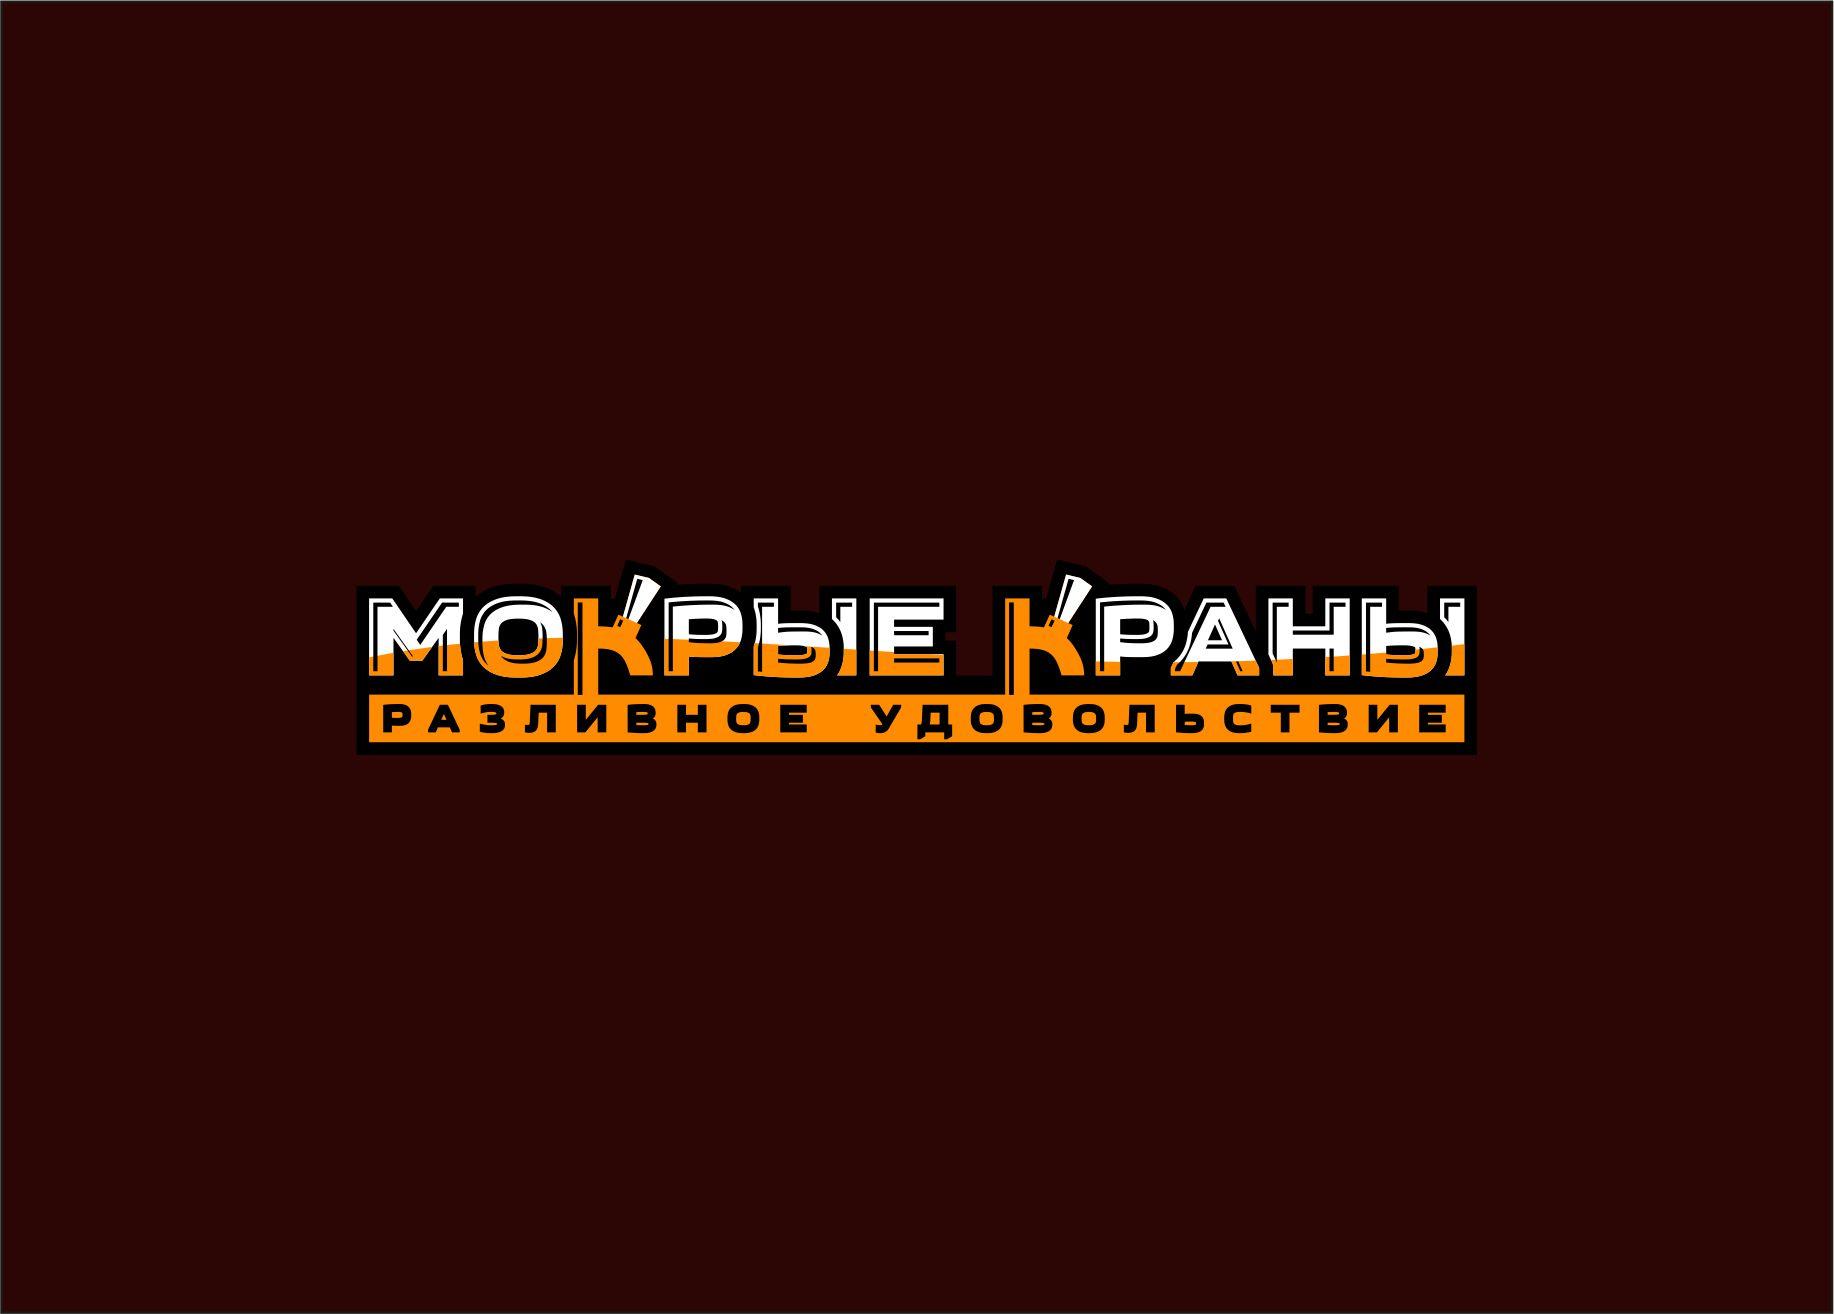 Вывеска/логотип для пивного магазина фото f_3986024fe1af1c0b.jpg